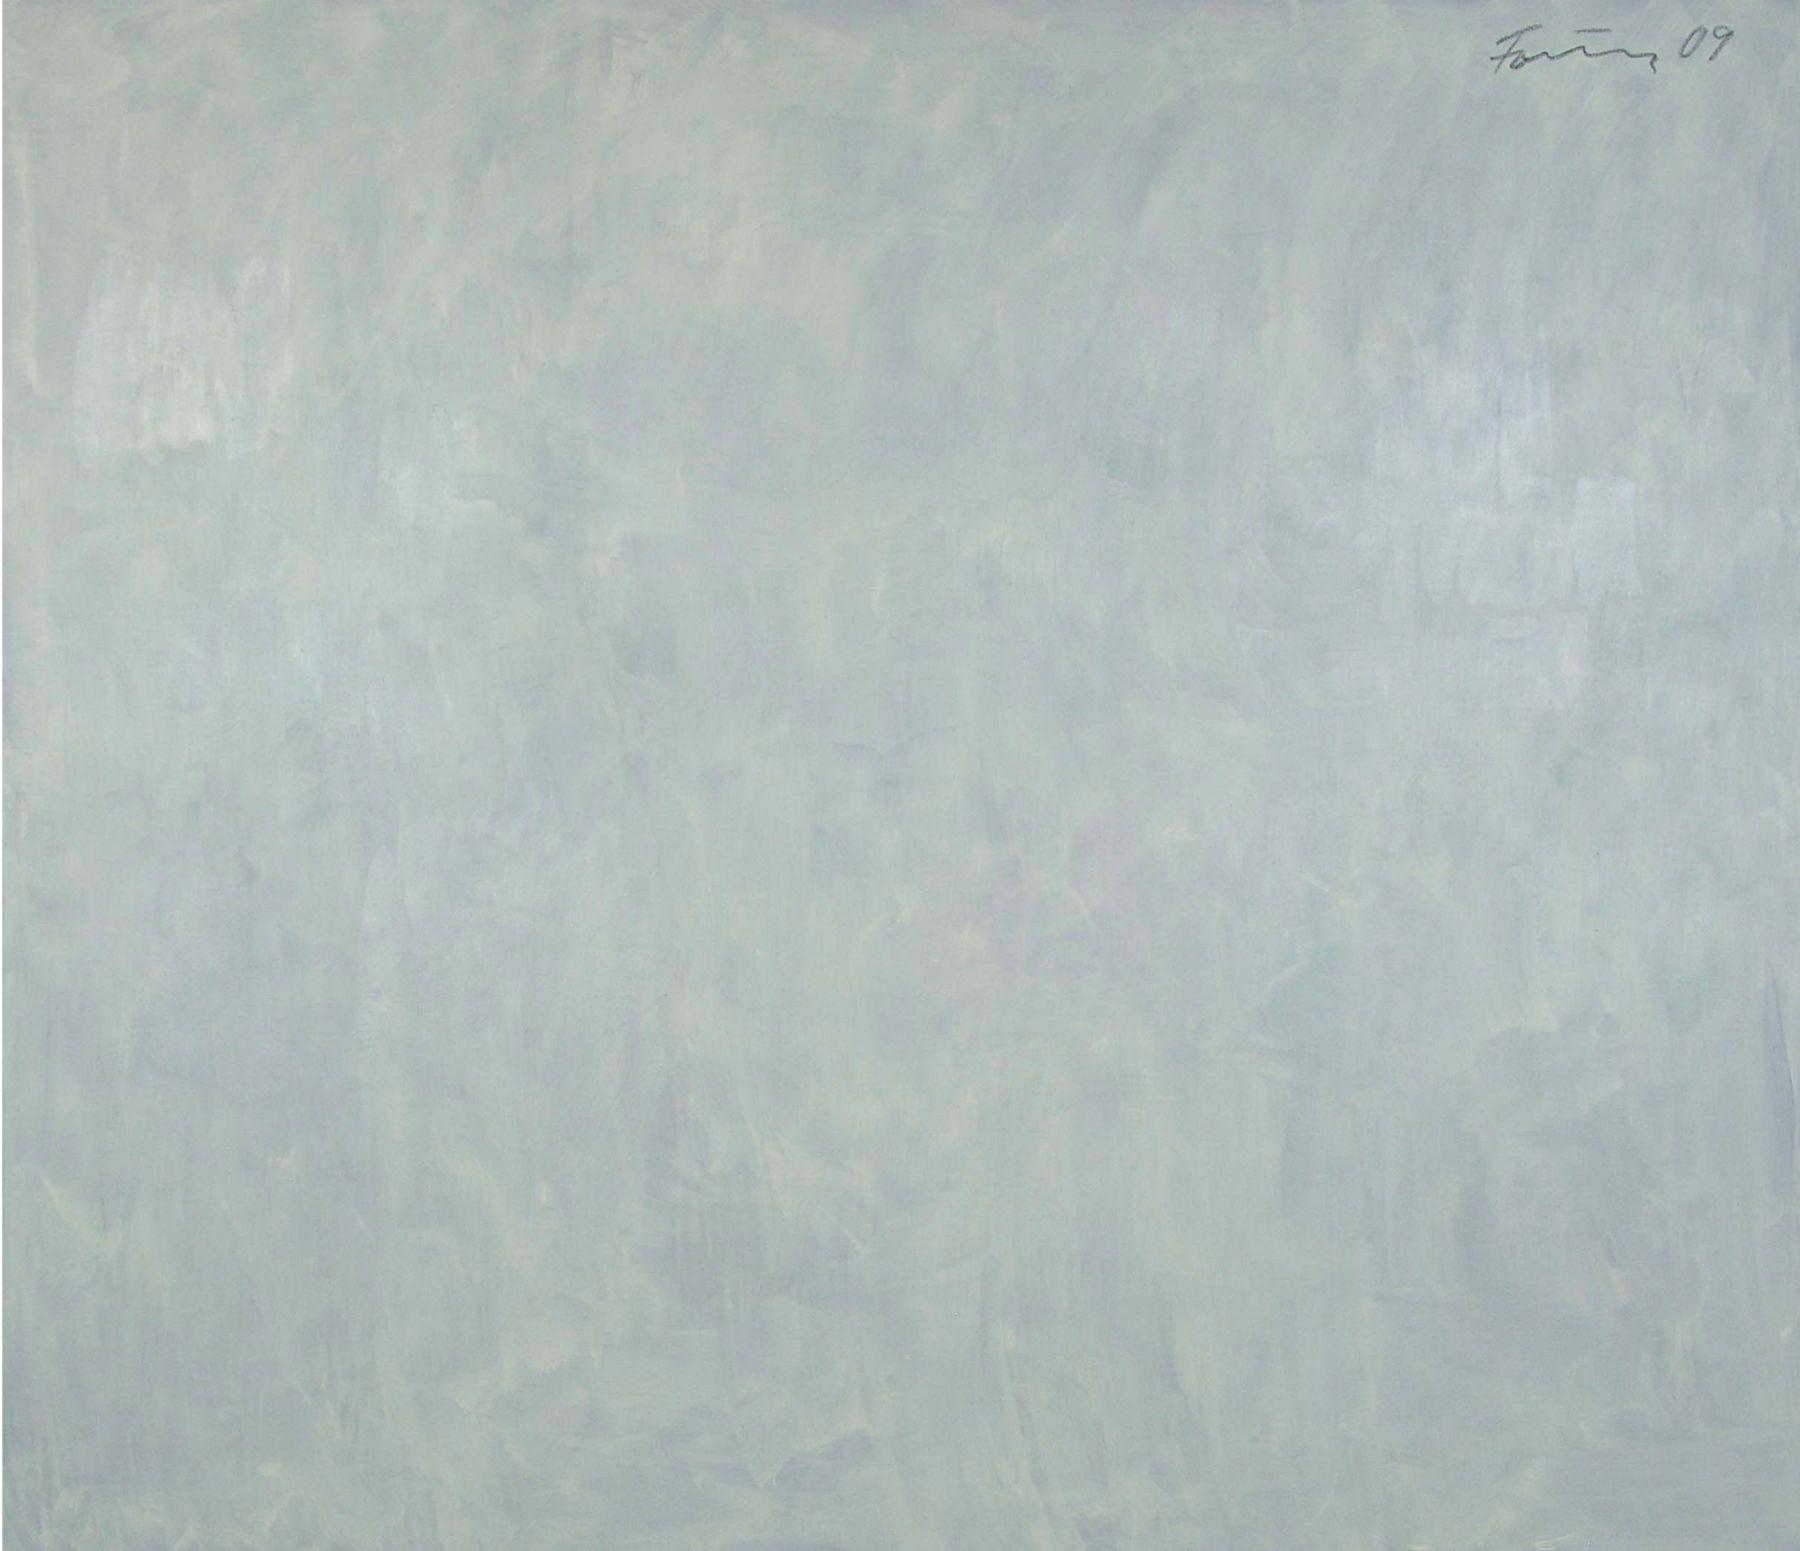 Günther Förg  Untitled, 2009 Acrylic on canvas  76 3/4 x 88 5/8 inches (194.9 x 225.1 cm)